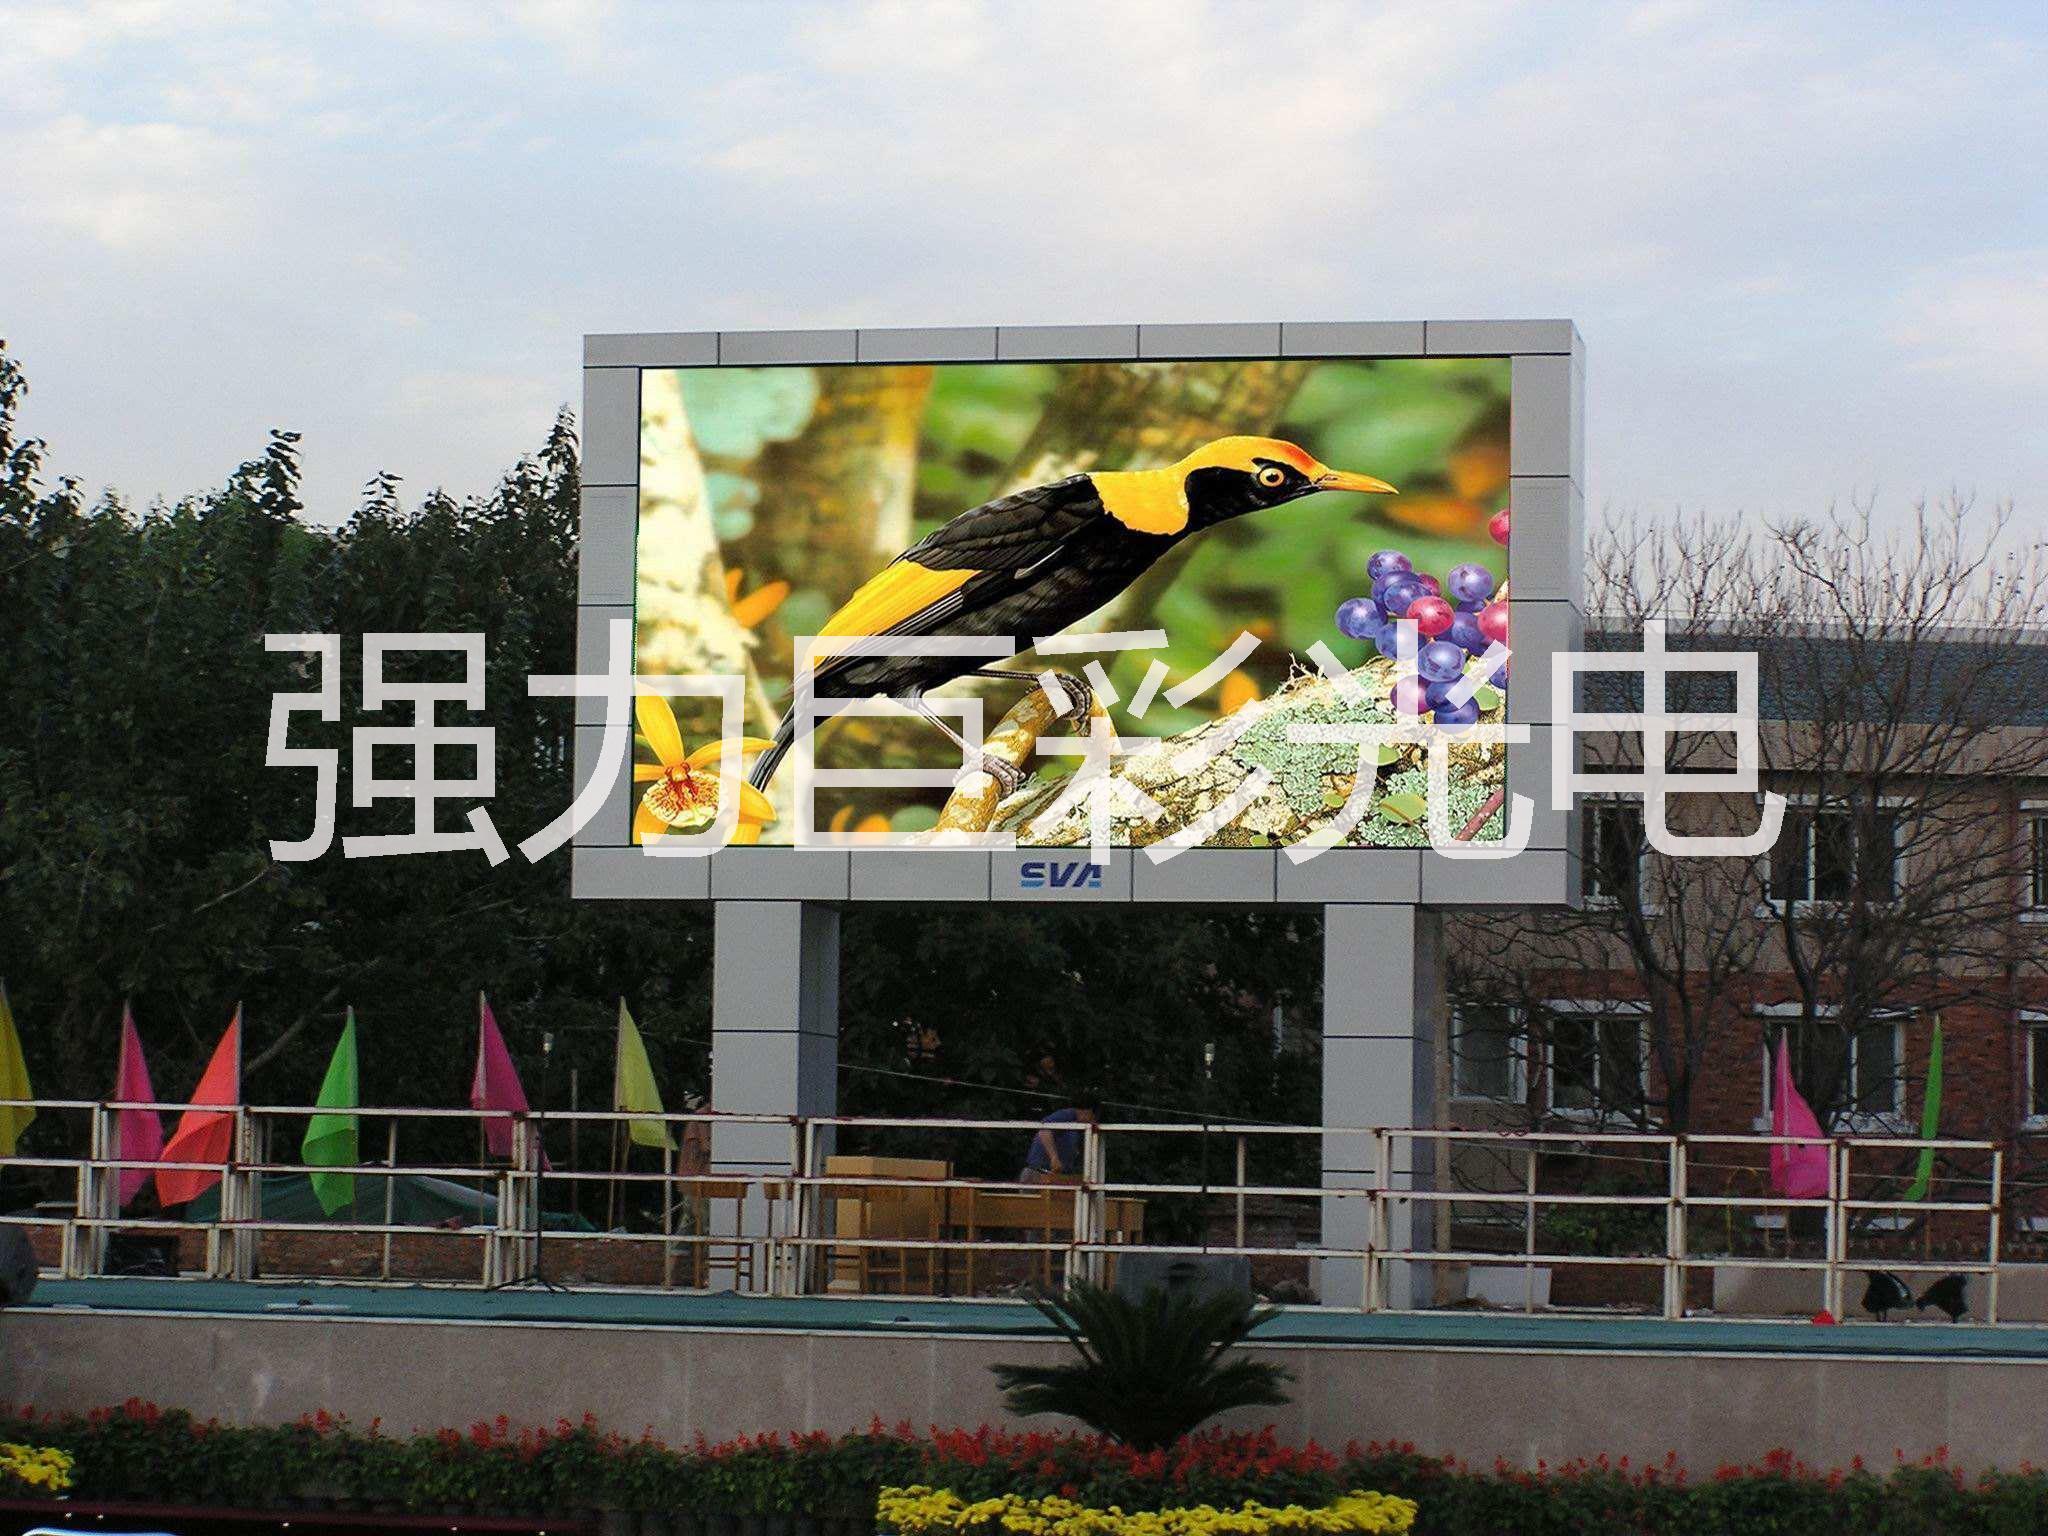 户外彩色LED显示屏 户外彩色LED显示屏厂家报价批发